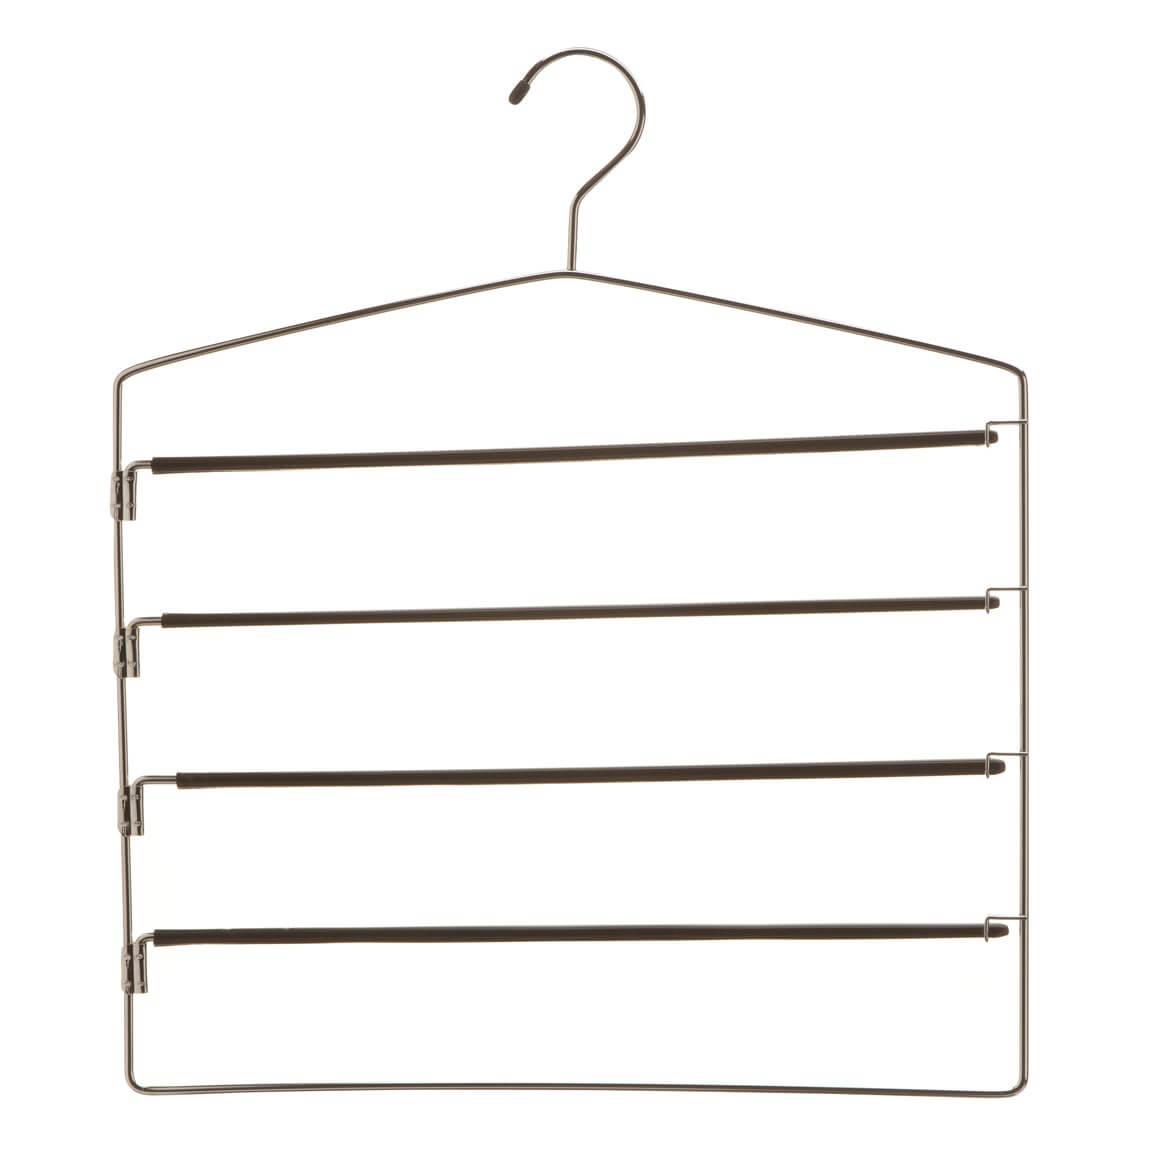 Four-Tier Swing Arm Slack Hanger